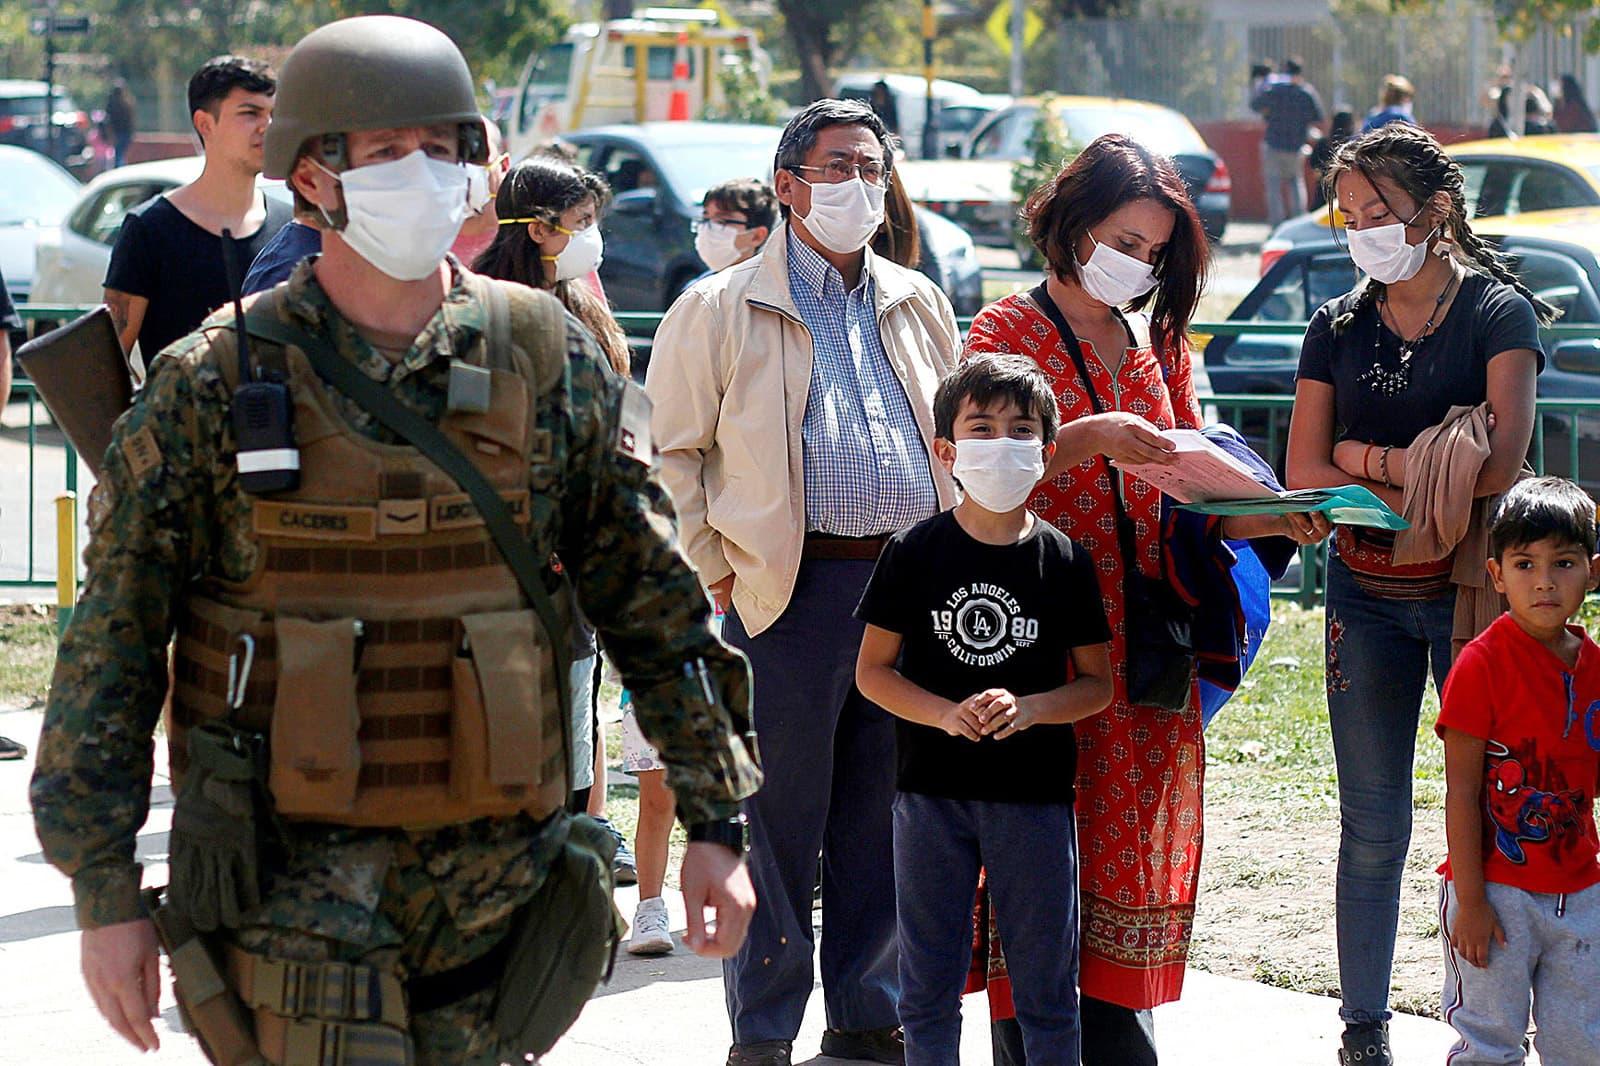 Cues de persones, a Santiago de Xile, per rebre la vacuna de la grip que ha coincidit amb l'estat d'emergència pel coronavirus, el 20 de març. Fotografia de Sebastián Silva/Efe